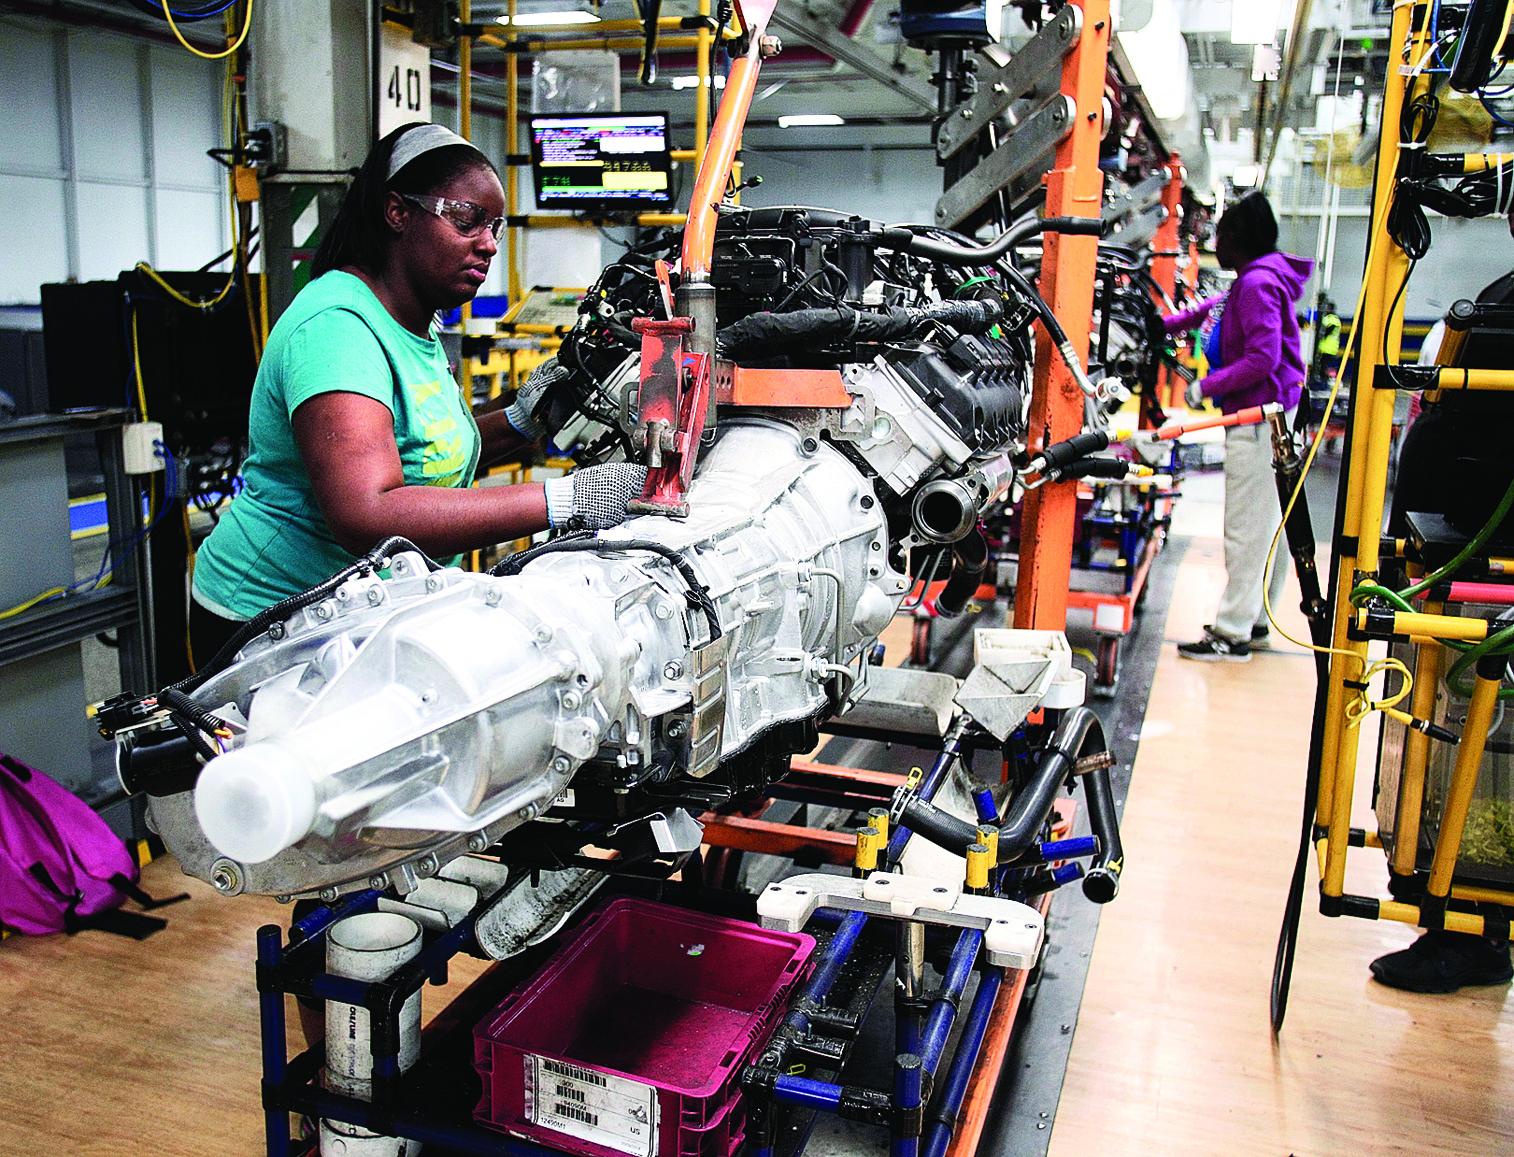 由於科技進步和自動化設備的大量引進,美國製造業不太可能如過去般創造大量工作機會。圖為密歇根沃倫(Warren)克萊斯勒卡車組裝廠一隅。(Getty Images)